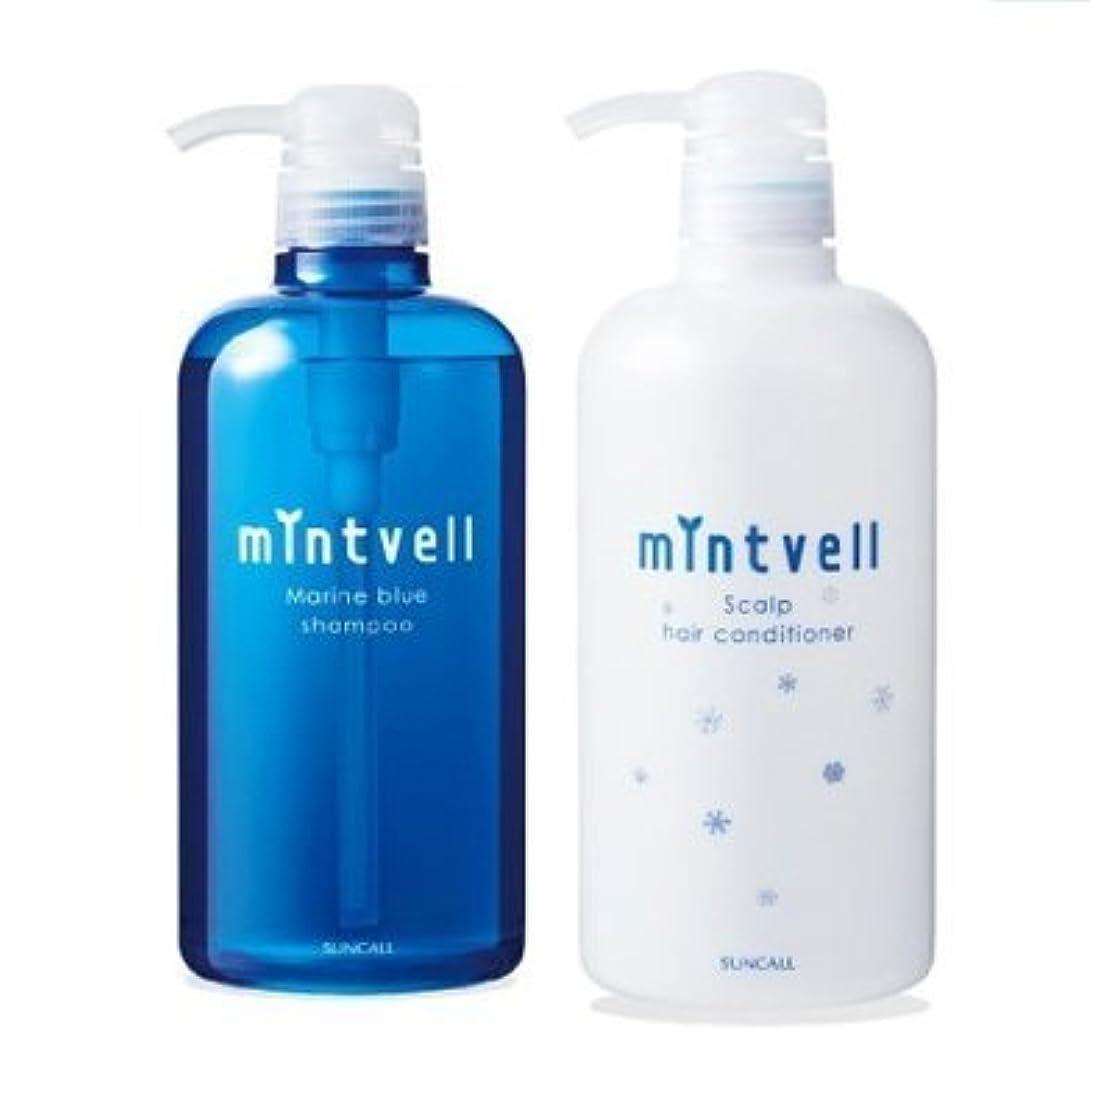 外向き香り傾向がありますサンコール ミントベル マリンブルー シャンプー 675ml + スキャルプヘアコンディショナー 675ml ポンプセット